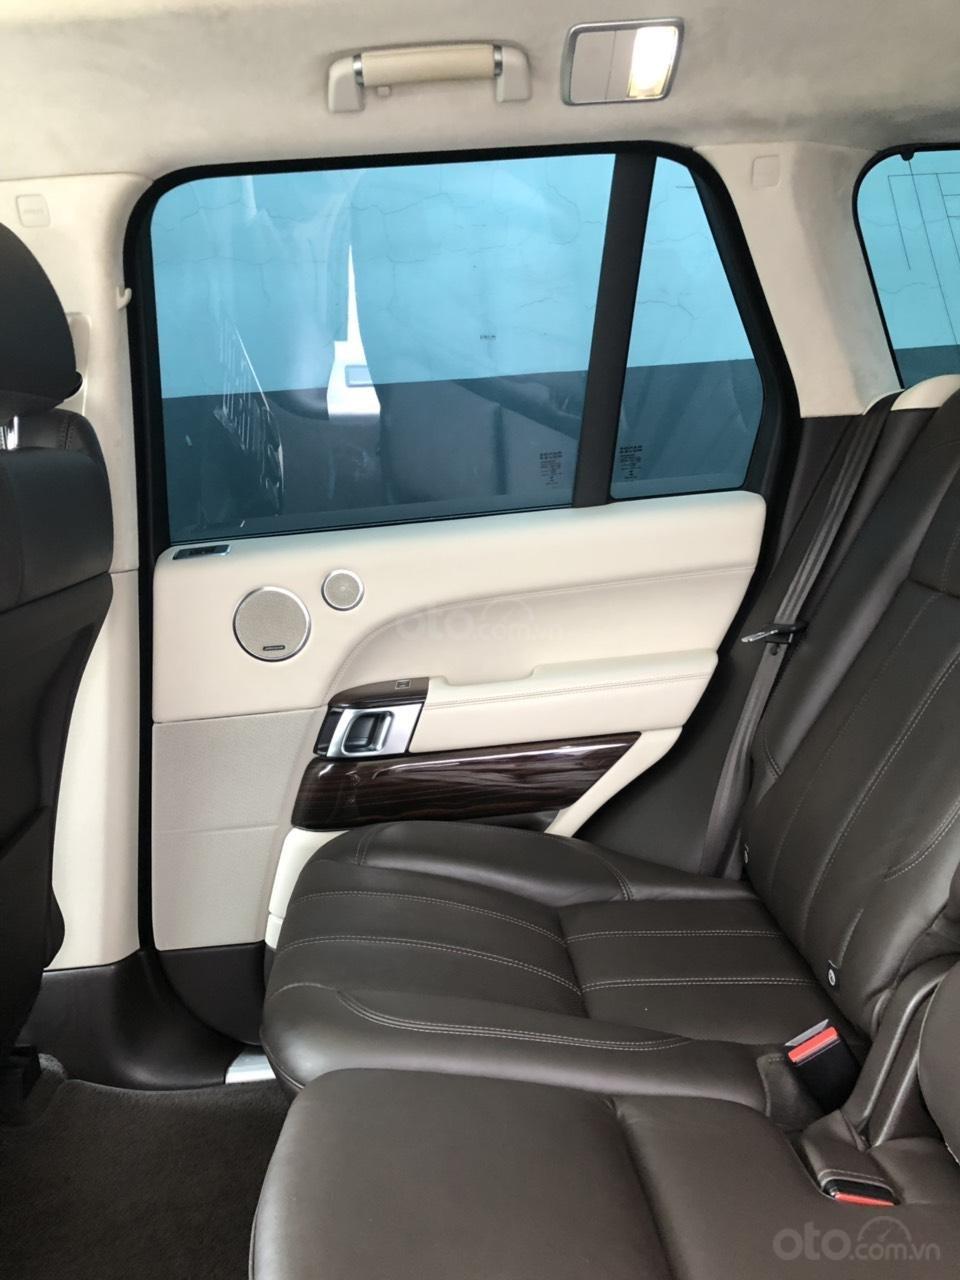 Chính chủ bán giá xe Range Rover Vogue màu đen 2015 xe đẹp giá tốt 093 2222253-12